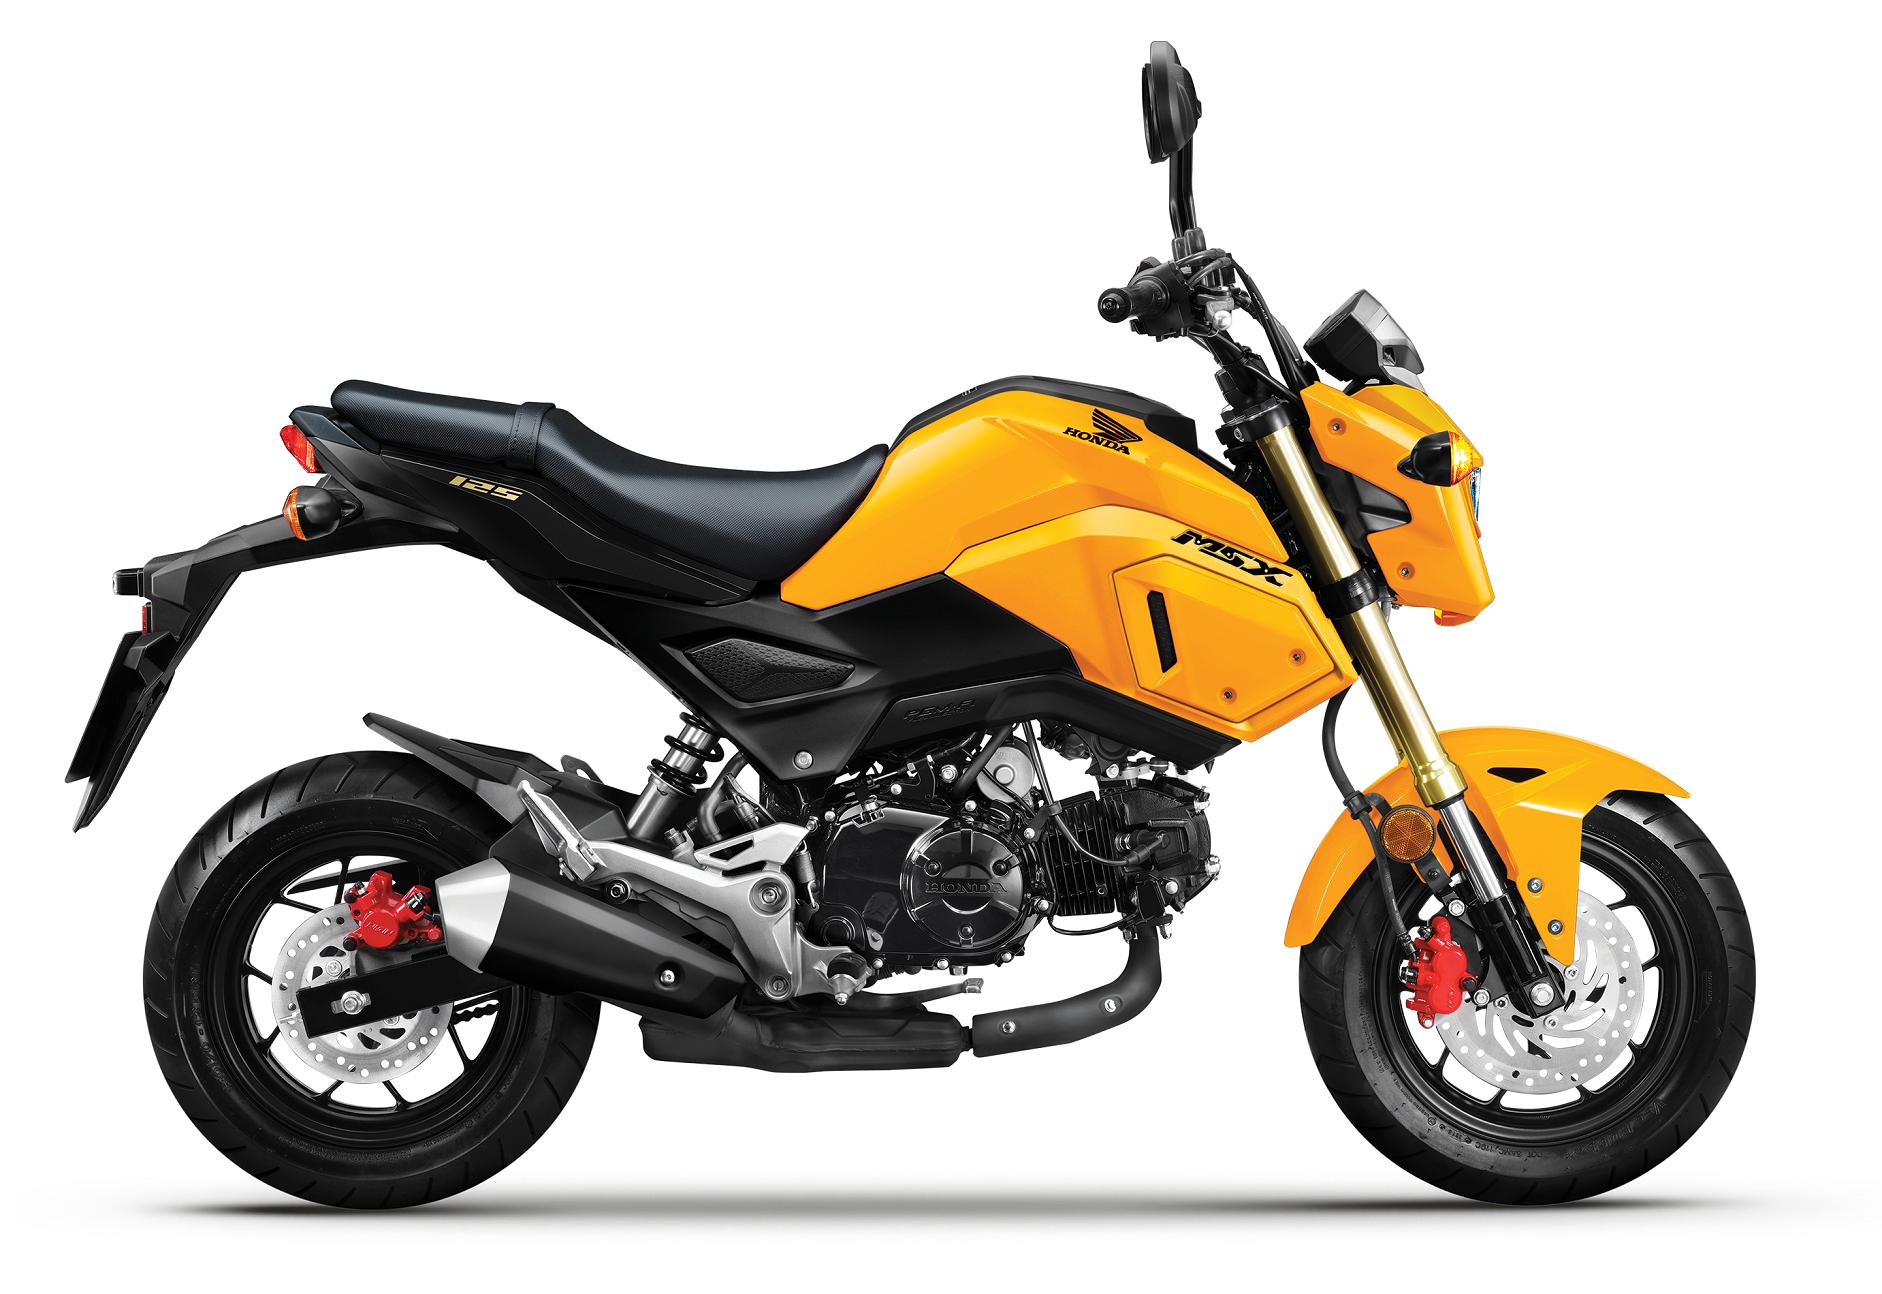 Chi tiết Honda MSX 125cc phiên bản mới ra mắt, gần 50 triệu tại Việt Nam - 2